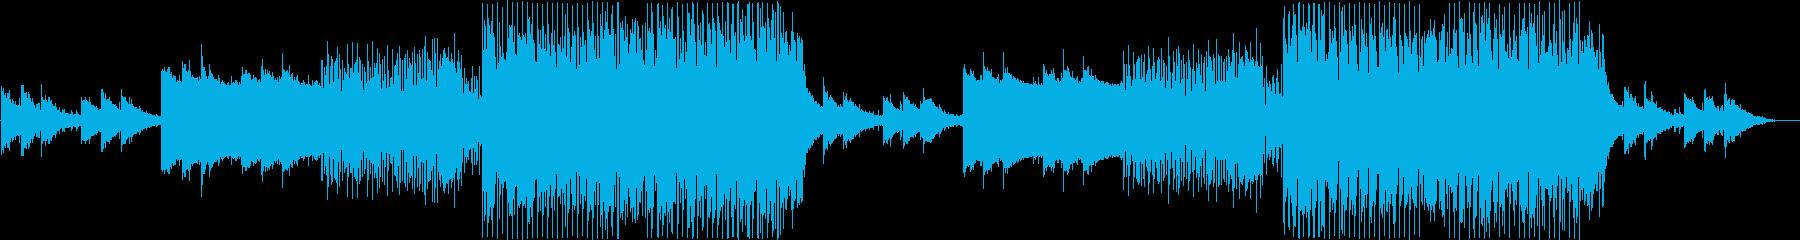 爽やかでクールな洋楽EDMの再生済みの波形